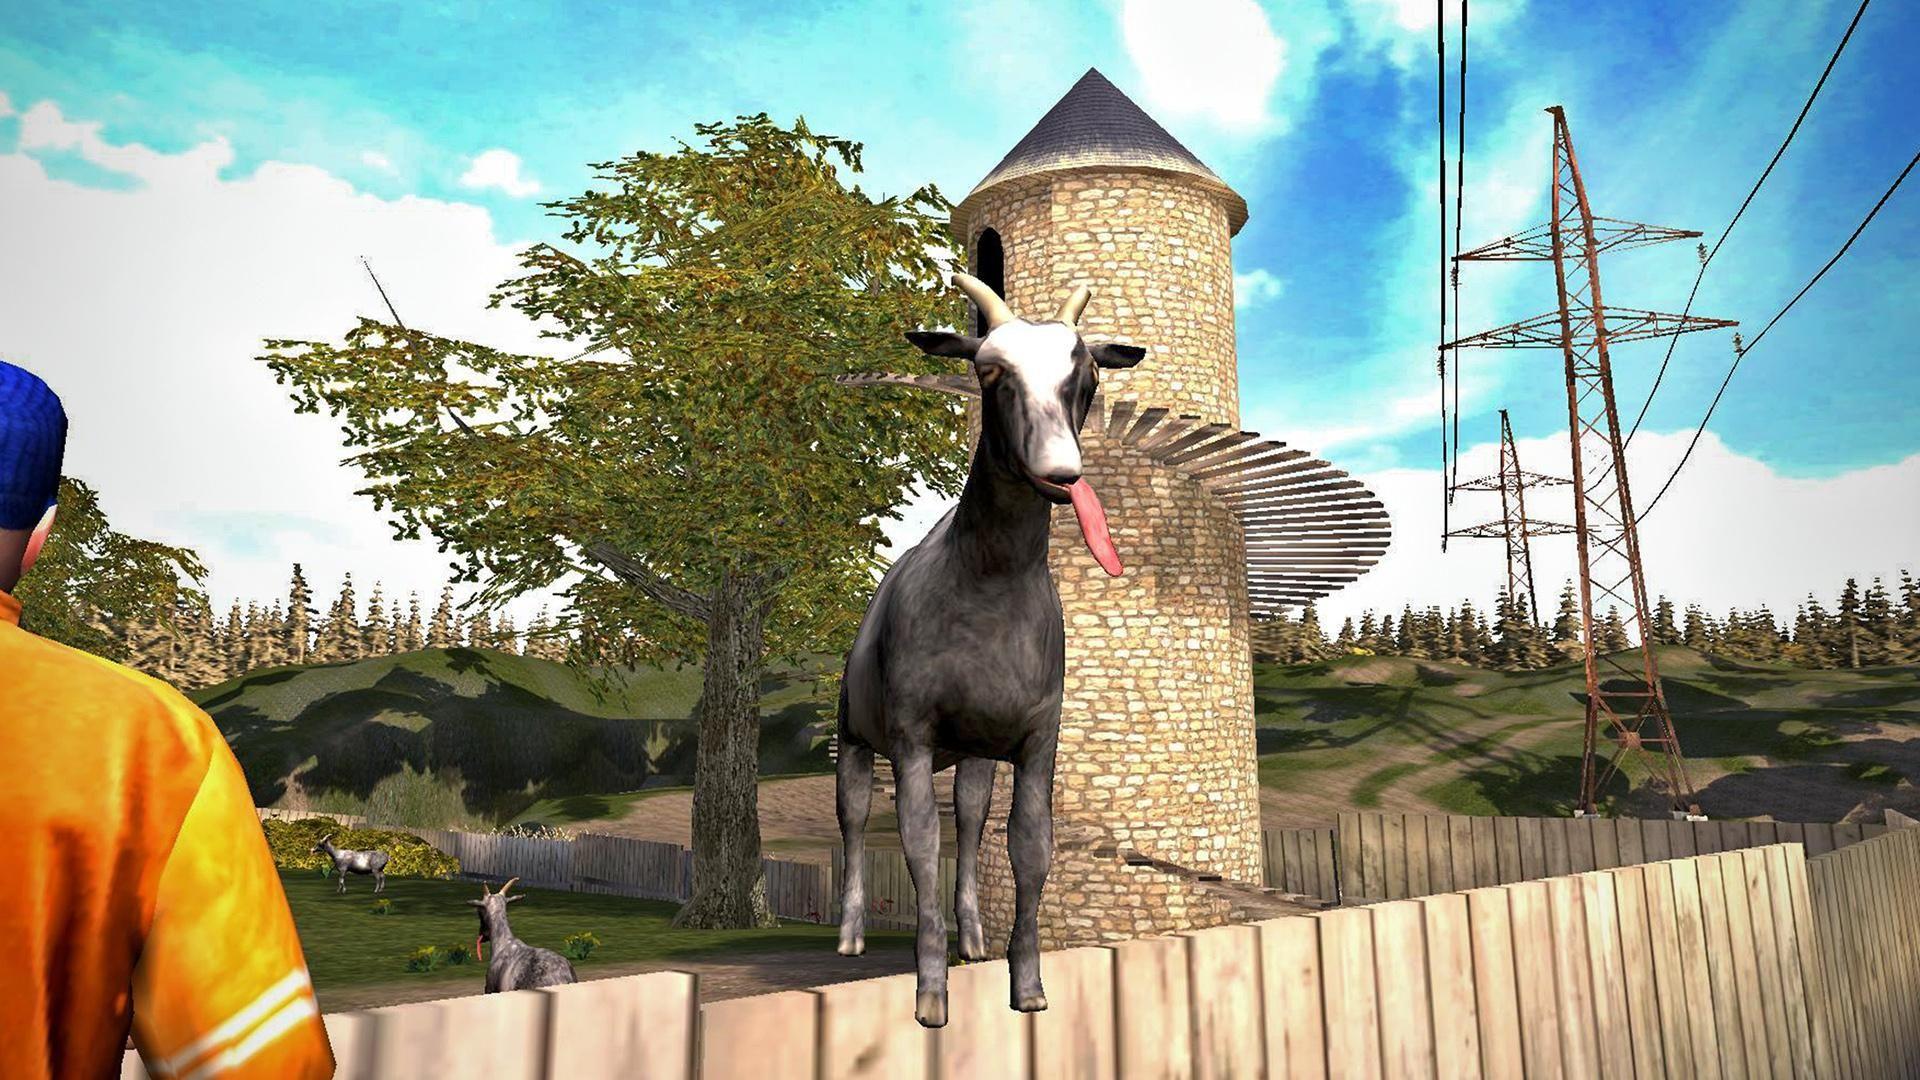 模拟山羊 免费版 游戏截图1